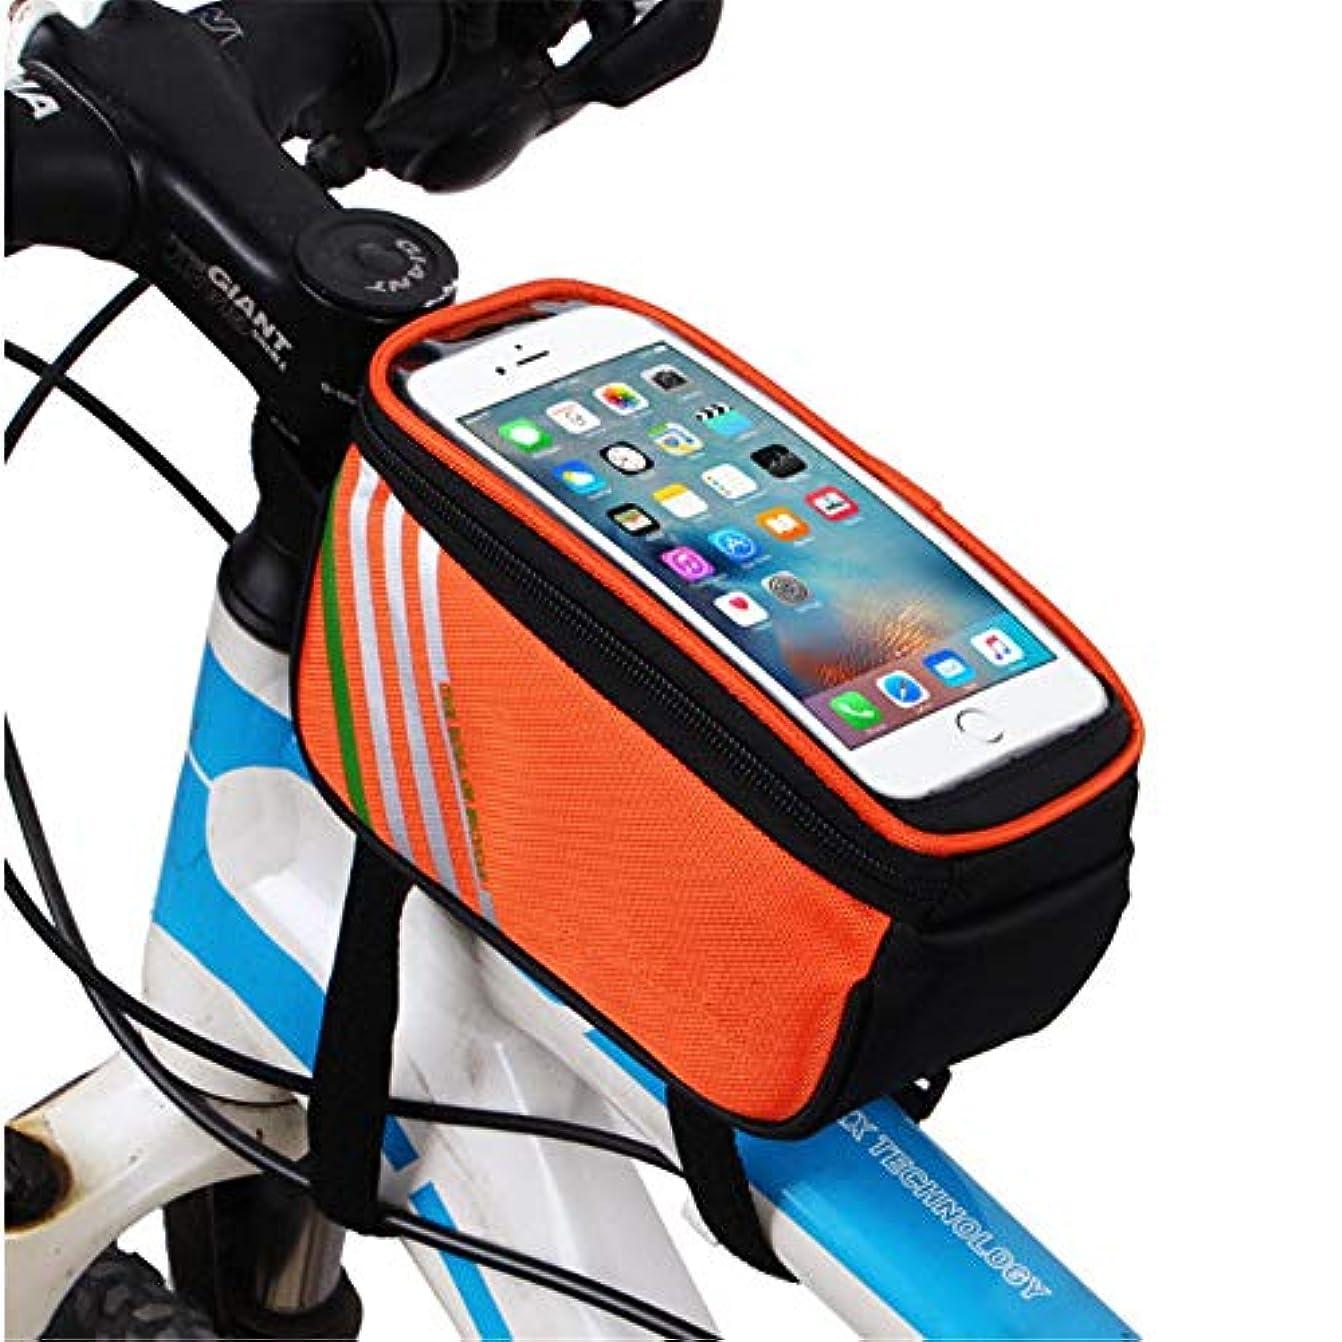 石灰岩他のバンドでレーニン主義自転車シートパックバッグ 反射ハンドバッグ、自転車のハンドルフレームの荷物袋が付いている耐久の防水ナイロン。 自転車サドルバッグ (色 : オレンジ)